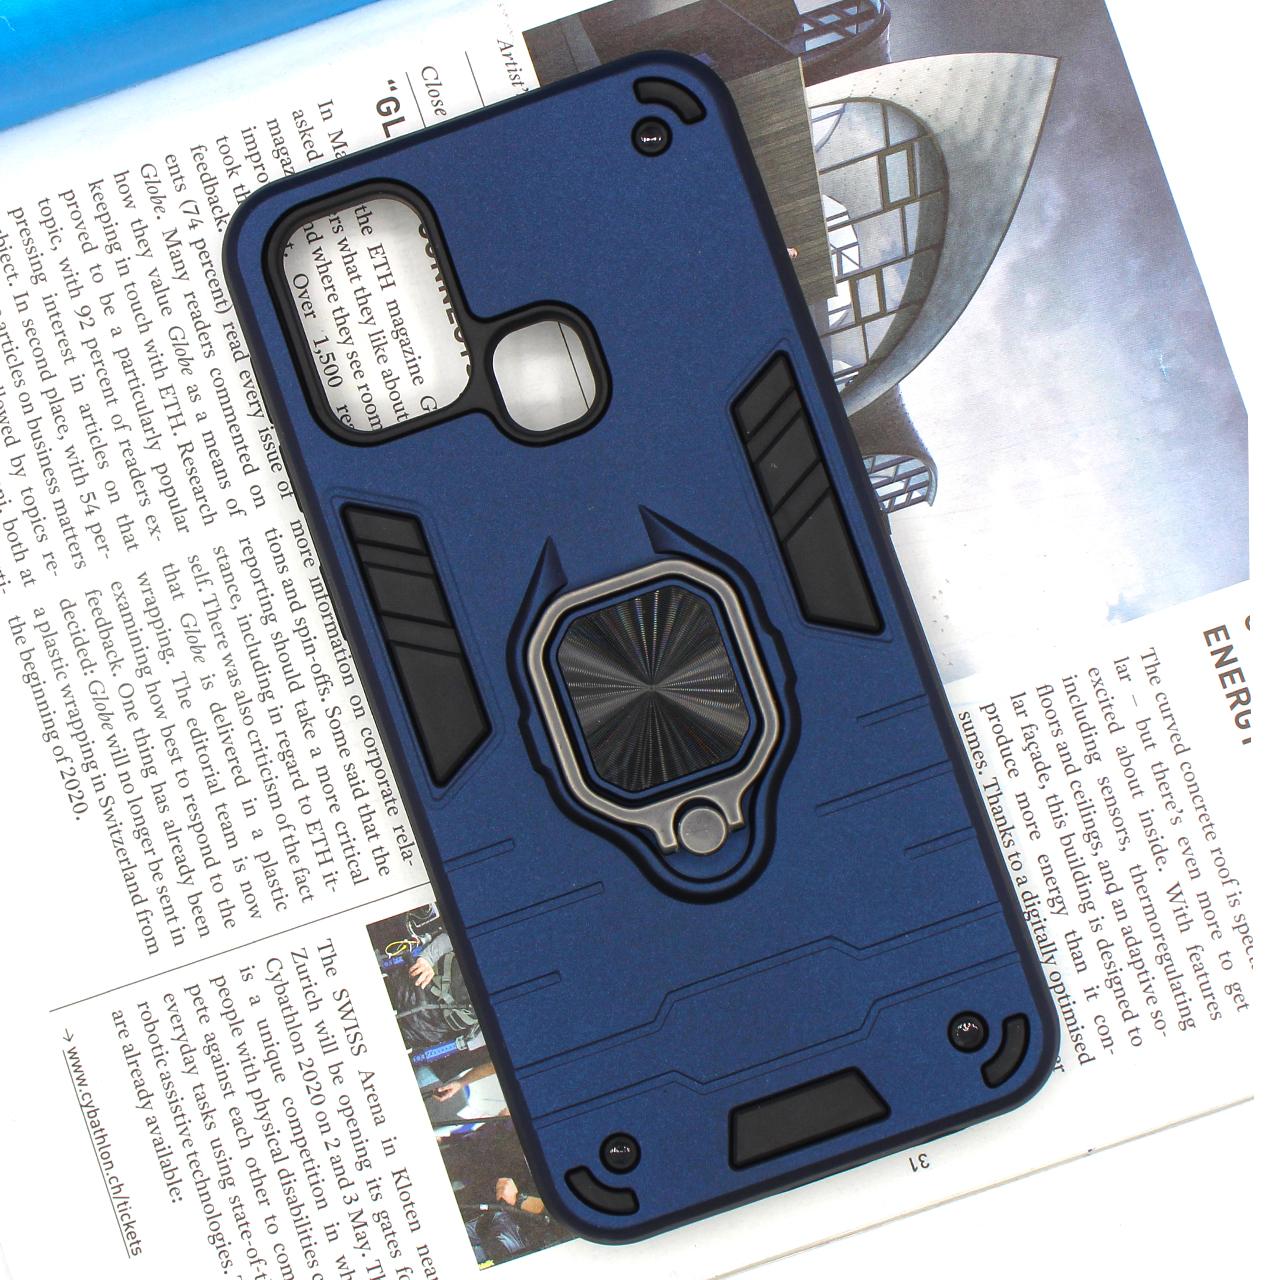 کاور کینگ پاور مدل ASH22 مناسب برای گوشی موبایل سامسونگ Galaxy M31 main 1 7